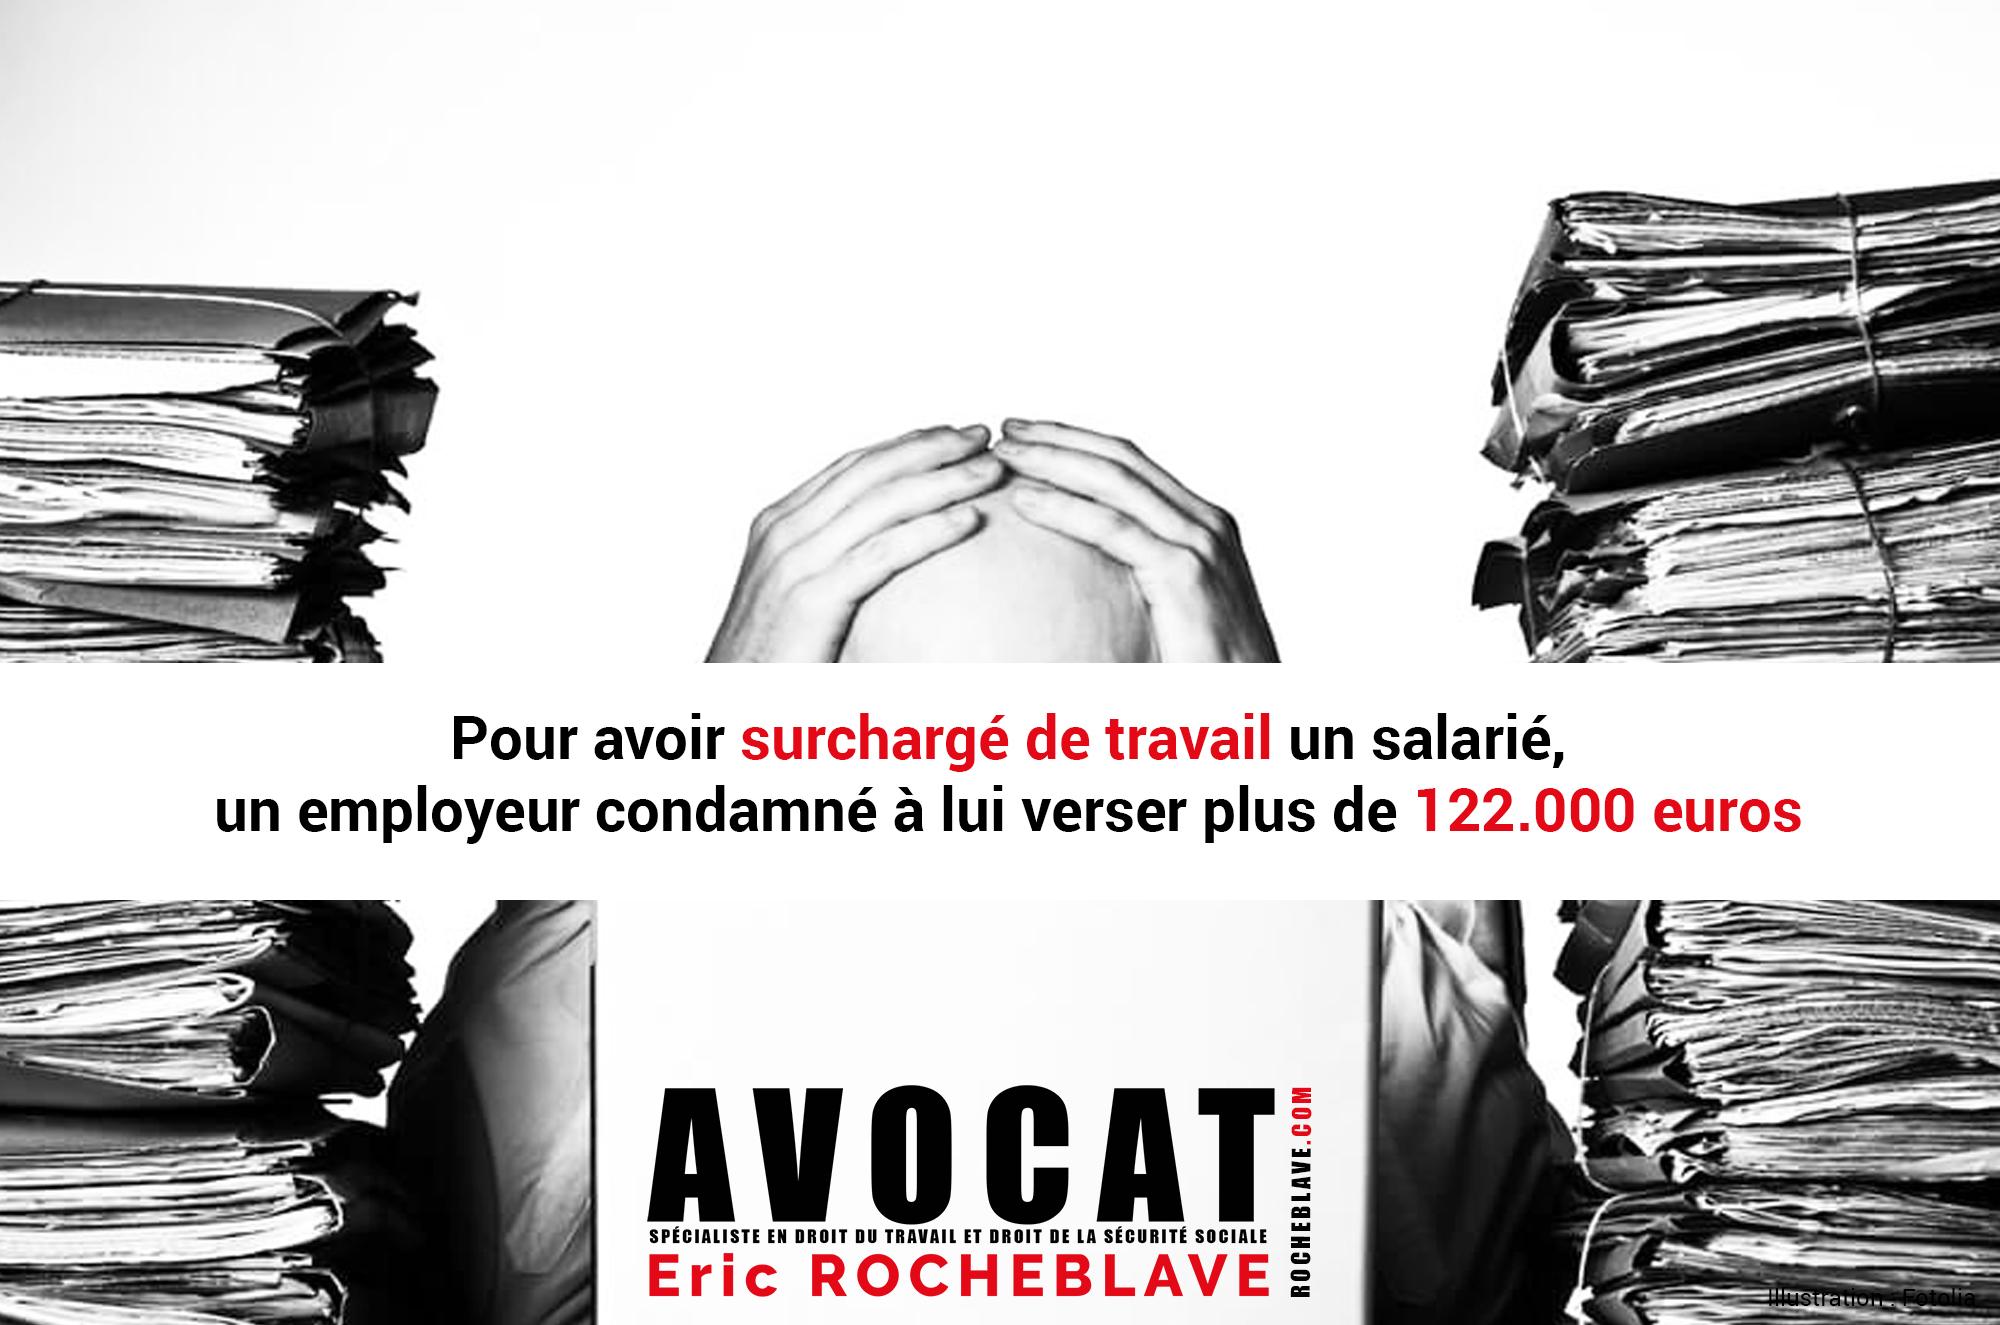 Pour avoir surchargé de travail un salarié,  un employeur condamné à lui verser plus de 122.000 euros